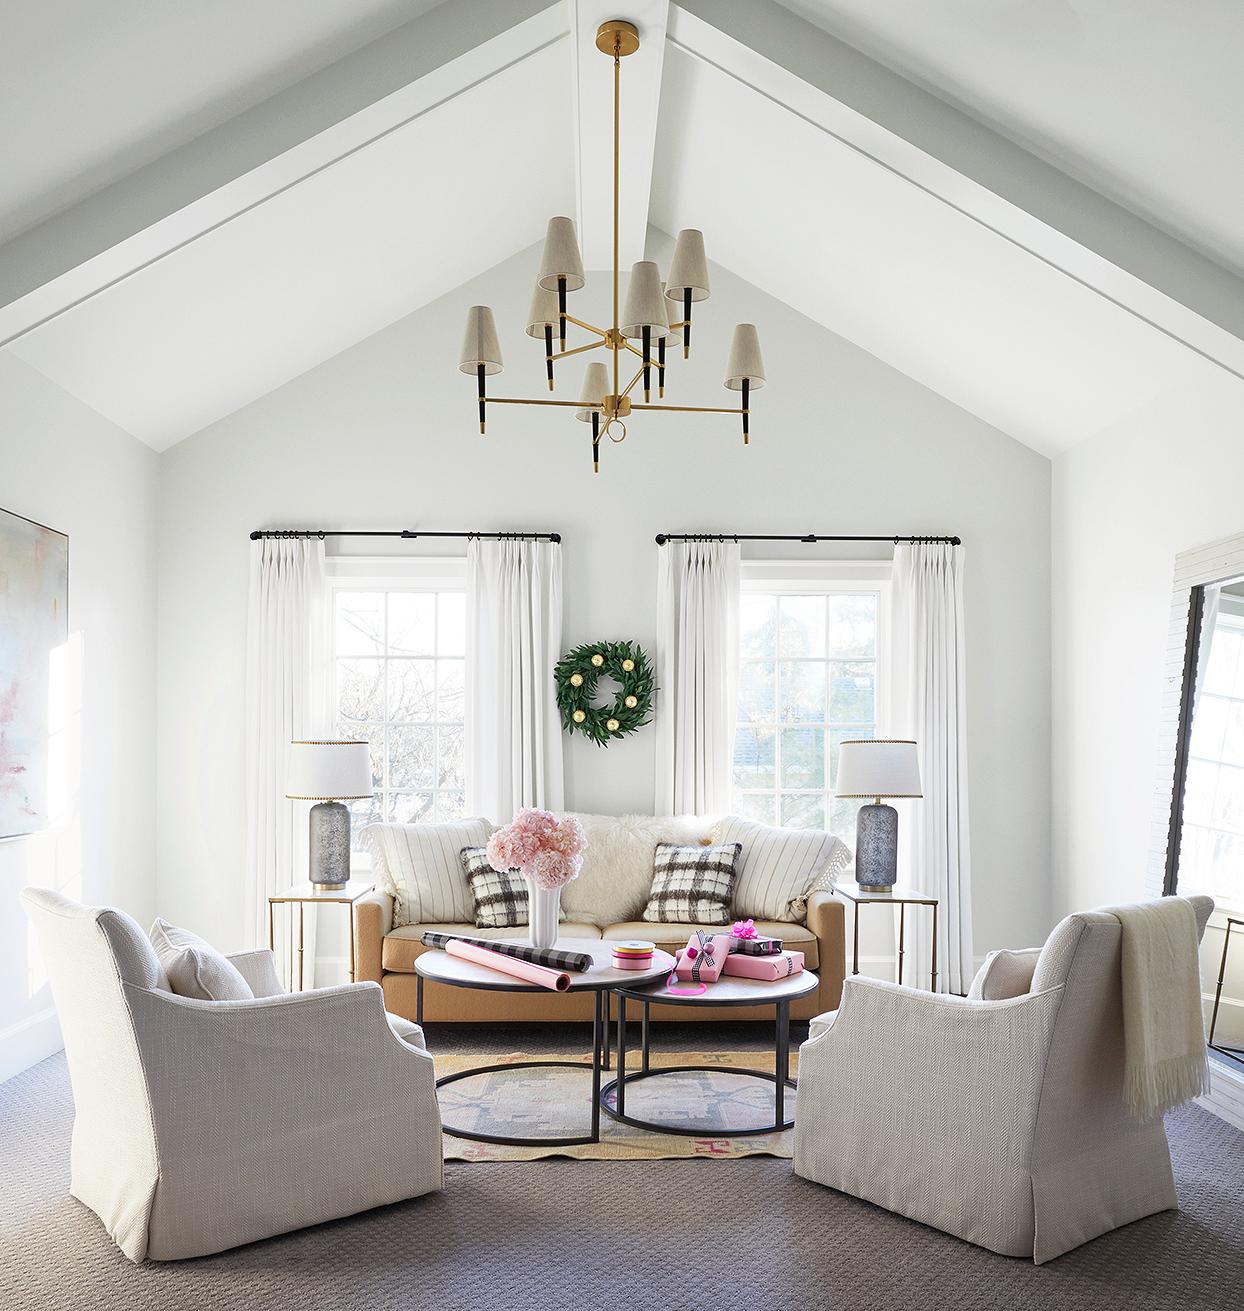 master suite bright sitting area wreath